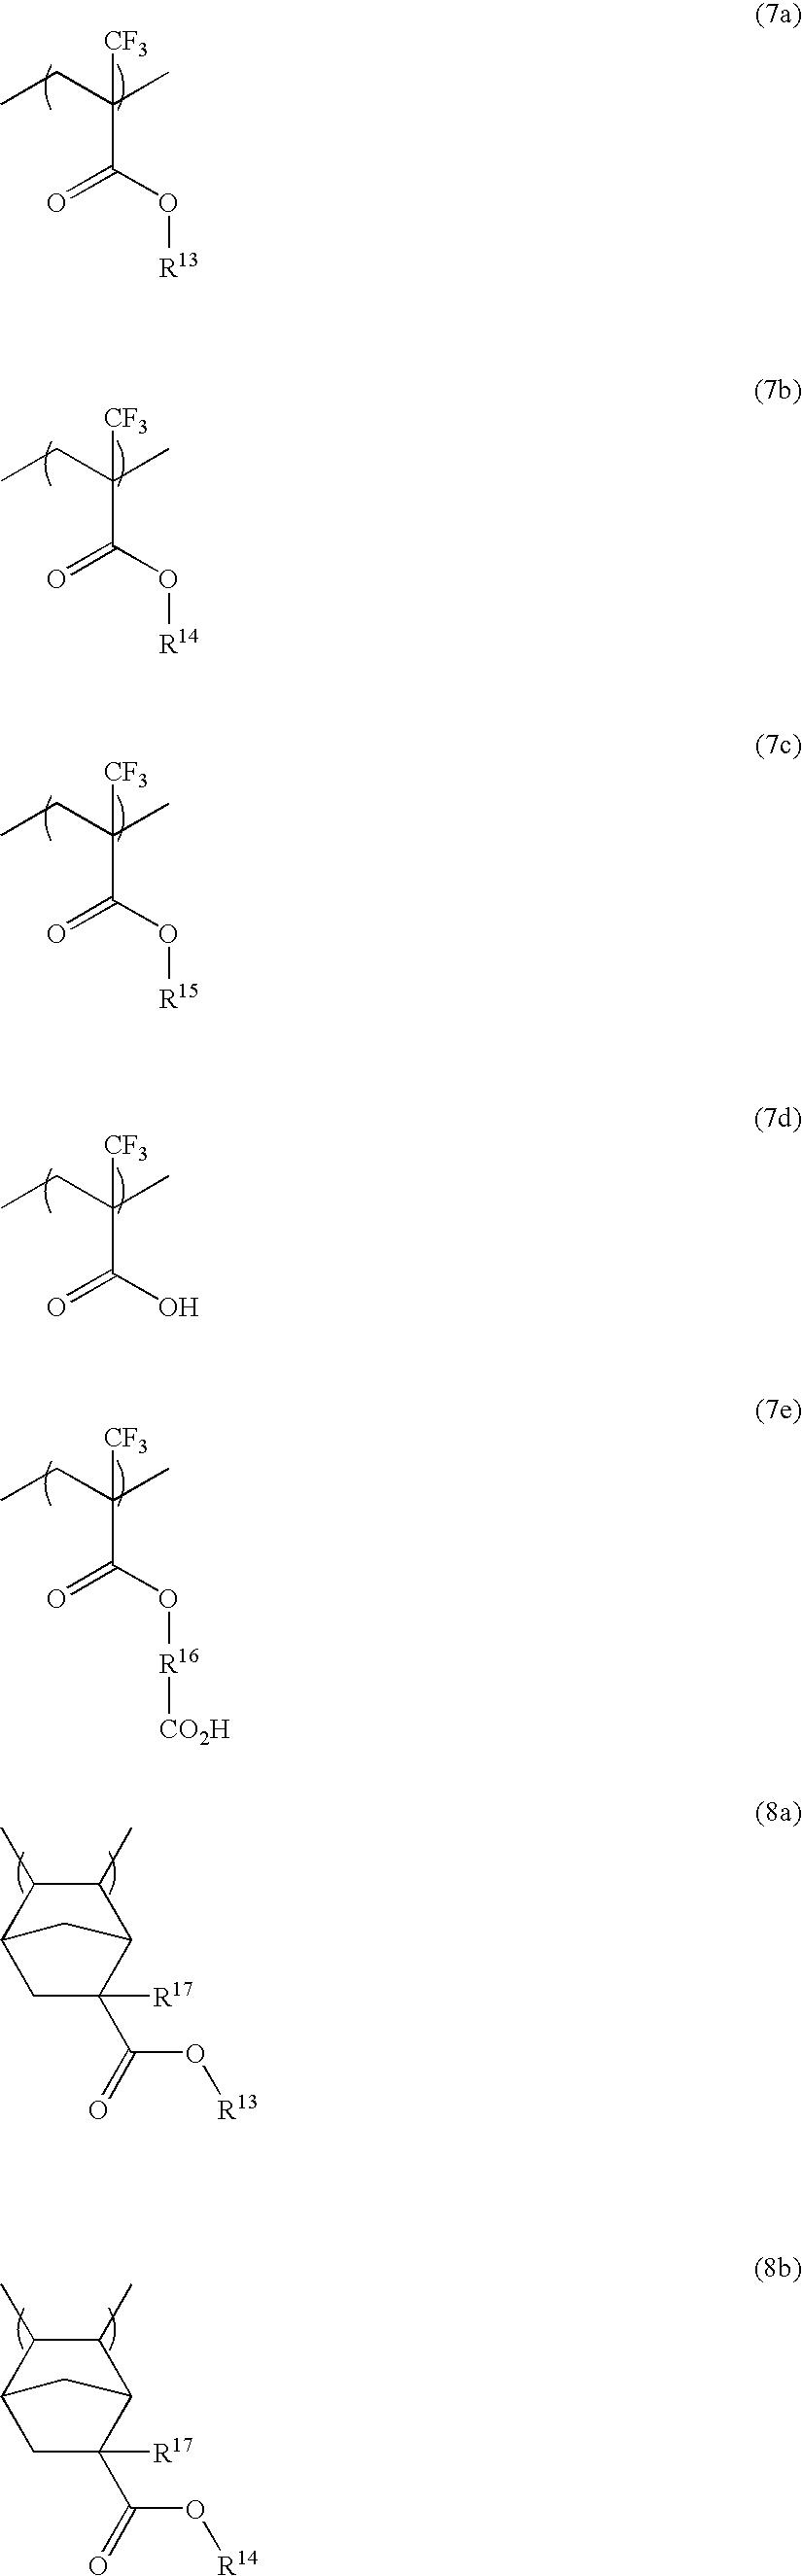 Figure US20090280434A1-20091112-C00021